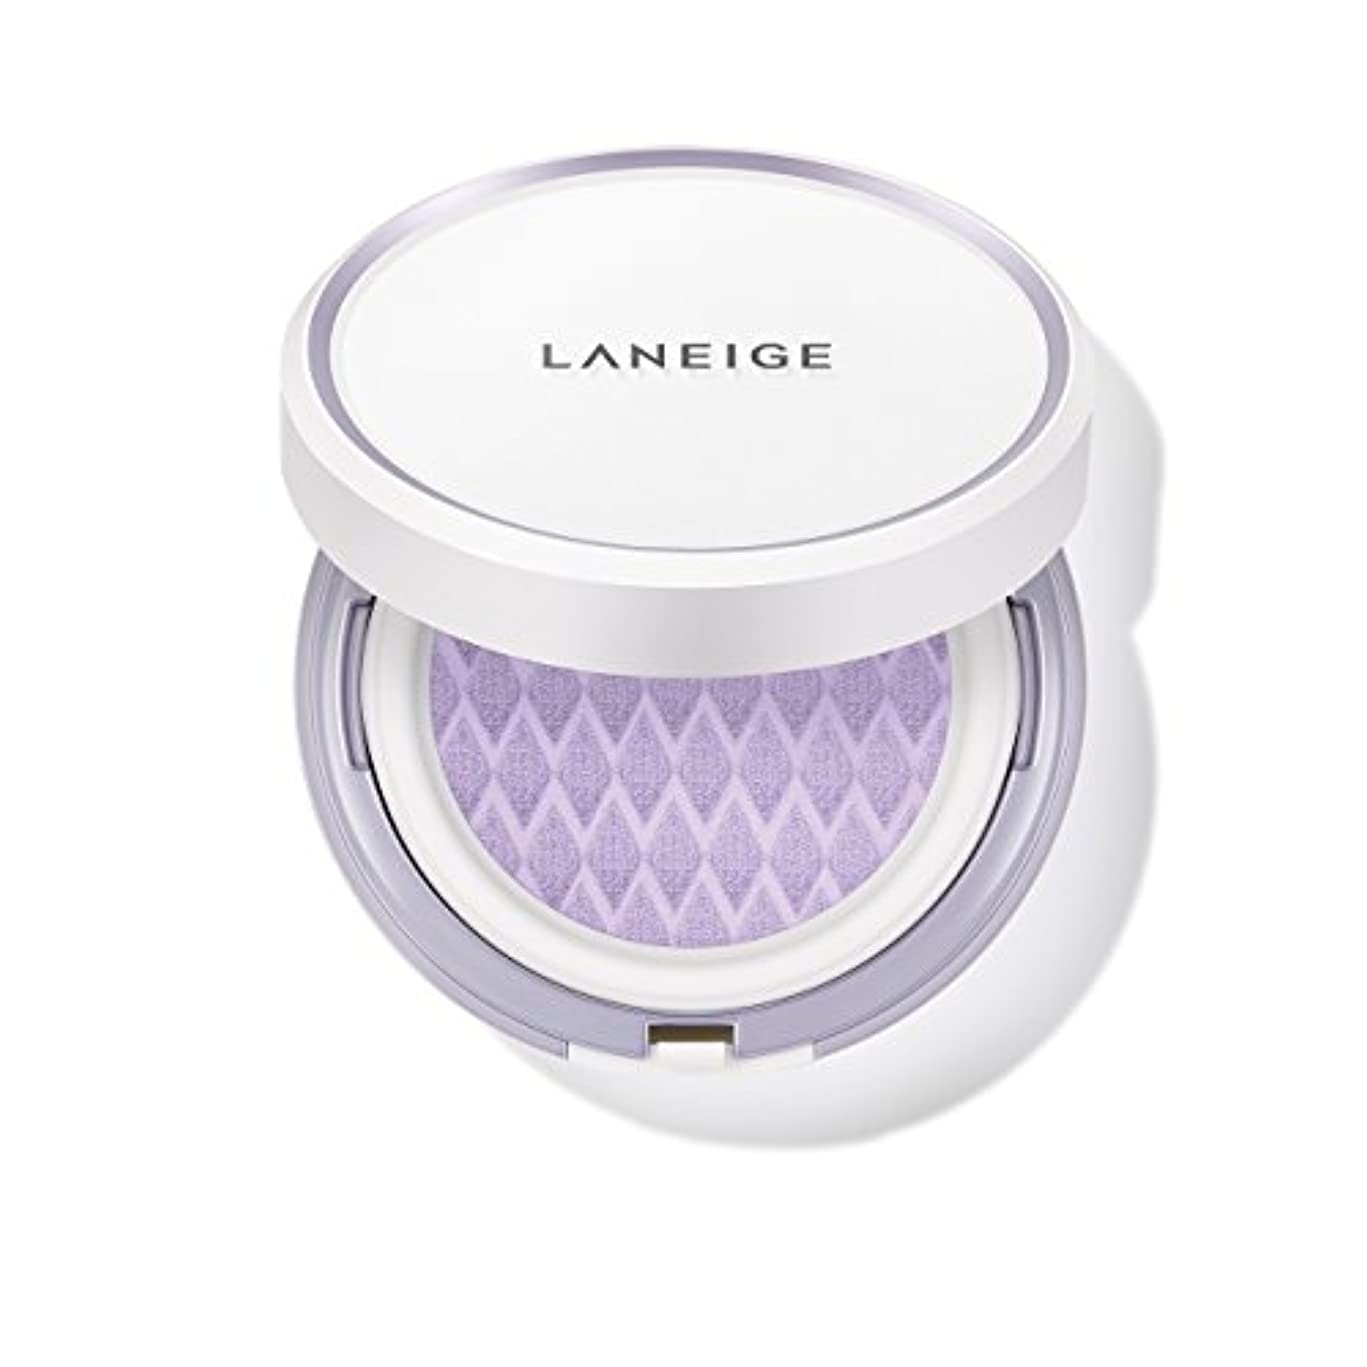 電気機知に富んだ成長するラネージュ[LANEIGE]*AMOREPACIFIC*[新商品]スキンベなベースクッションSPF 22PA++(#40 Light Purple) 15g*2 / LANEIGE Skin Veil Base Cushion...